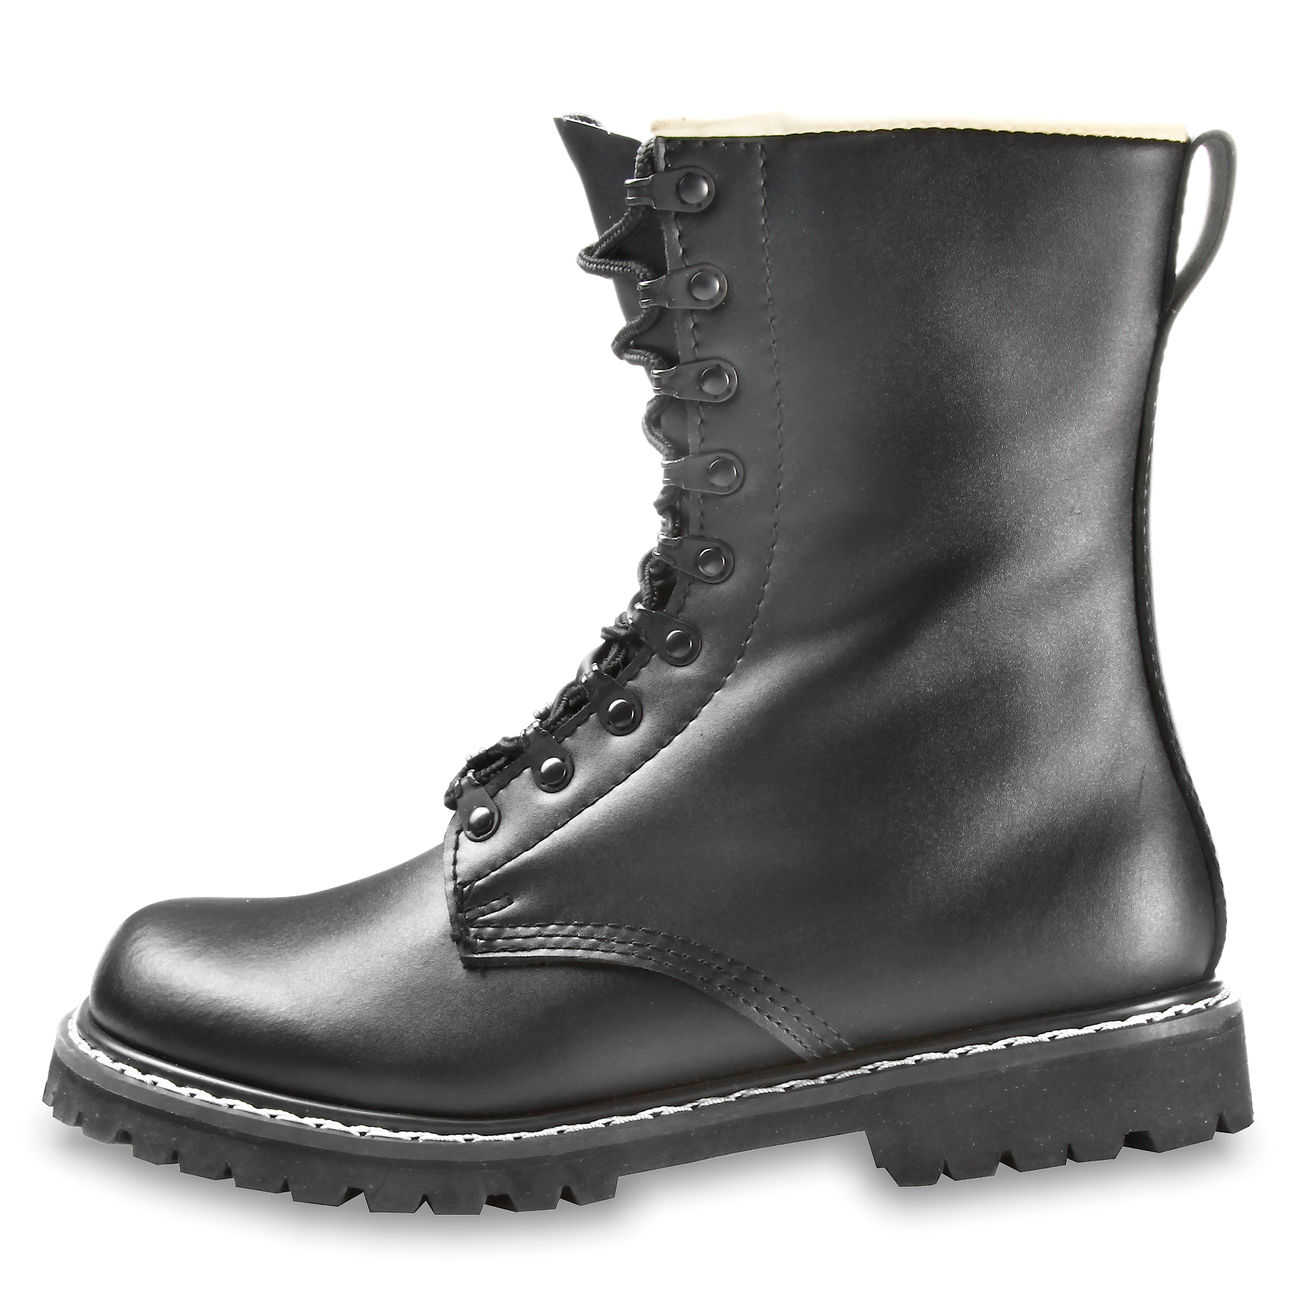 neu kaufen glatt bis zu 60% sparen Commando Springerstiefel schwarz